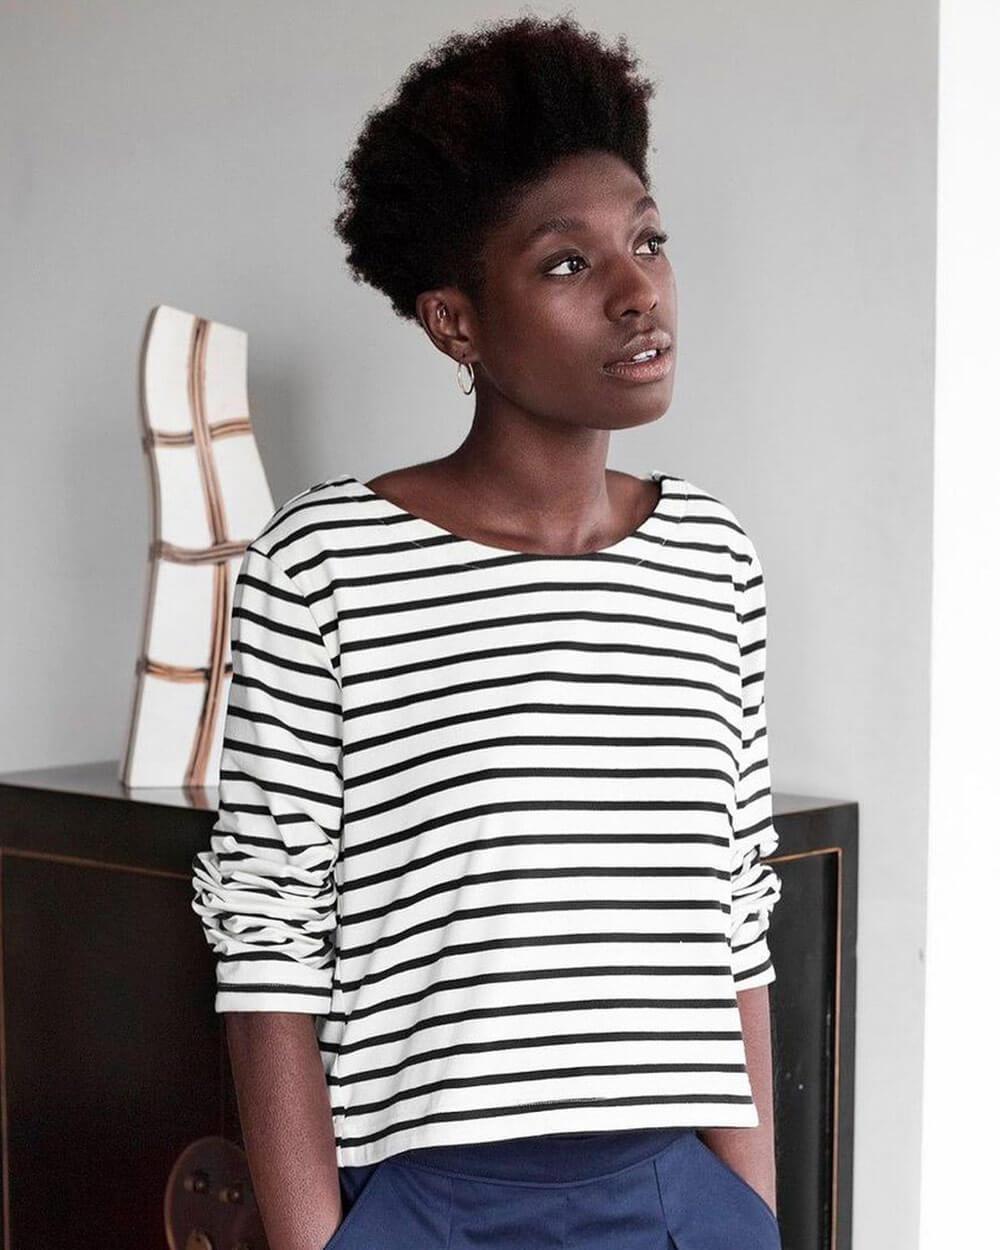 ETSY petite clothing